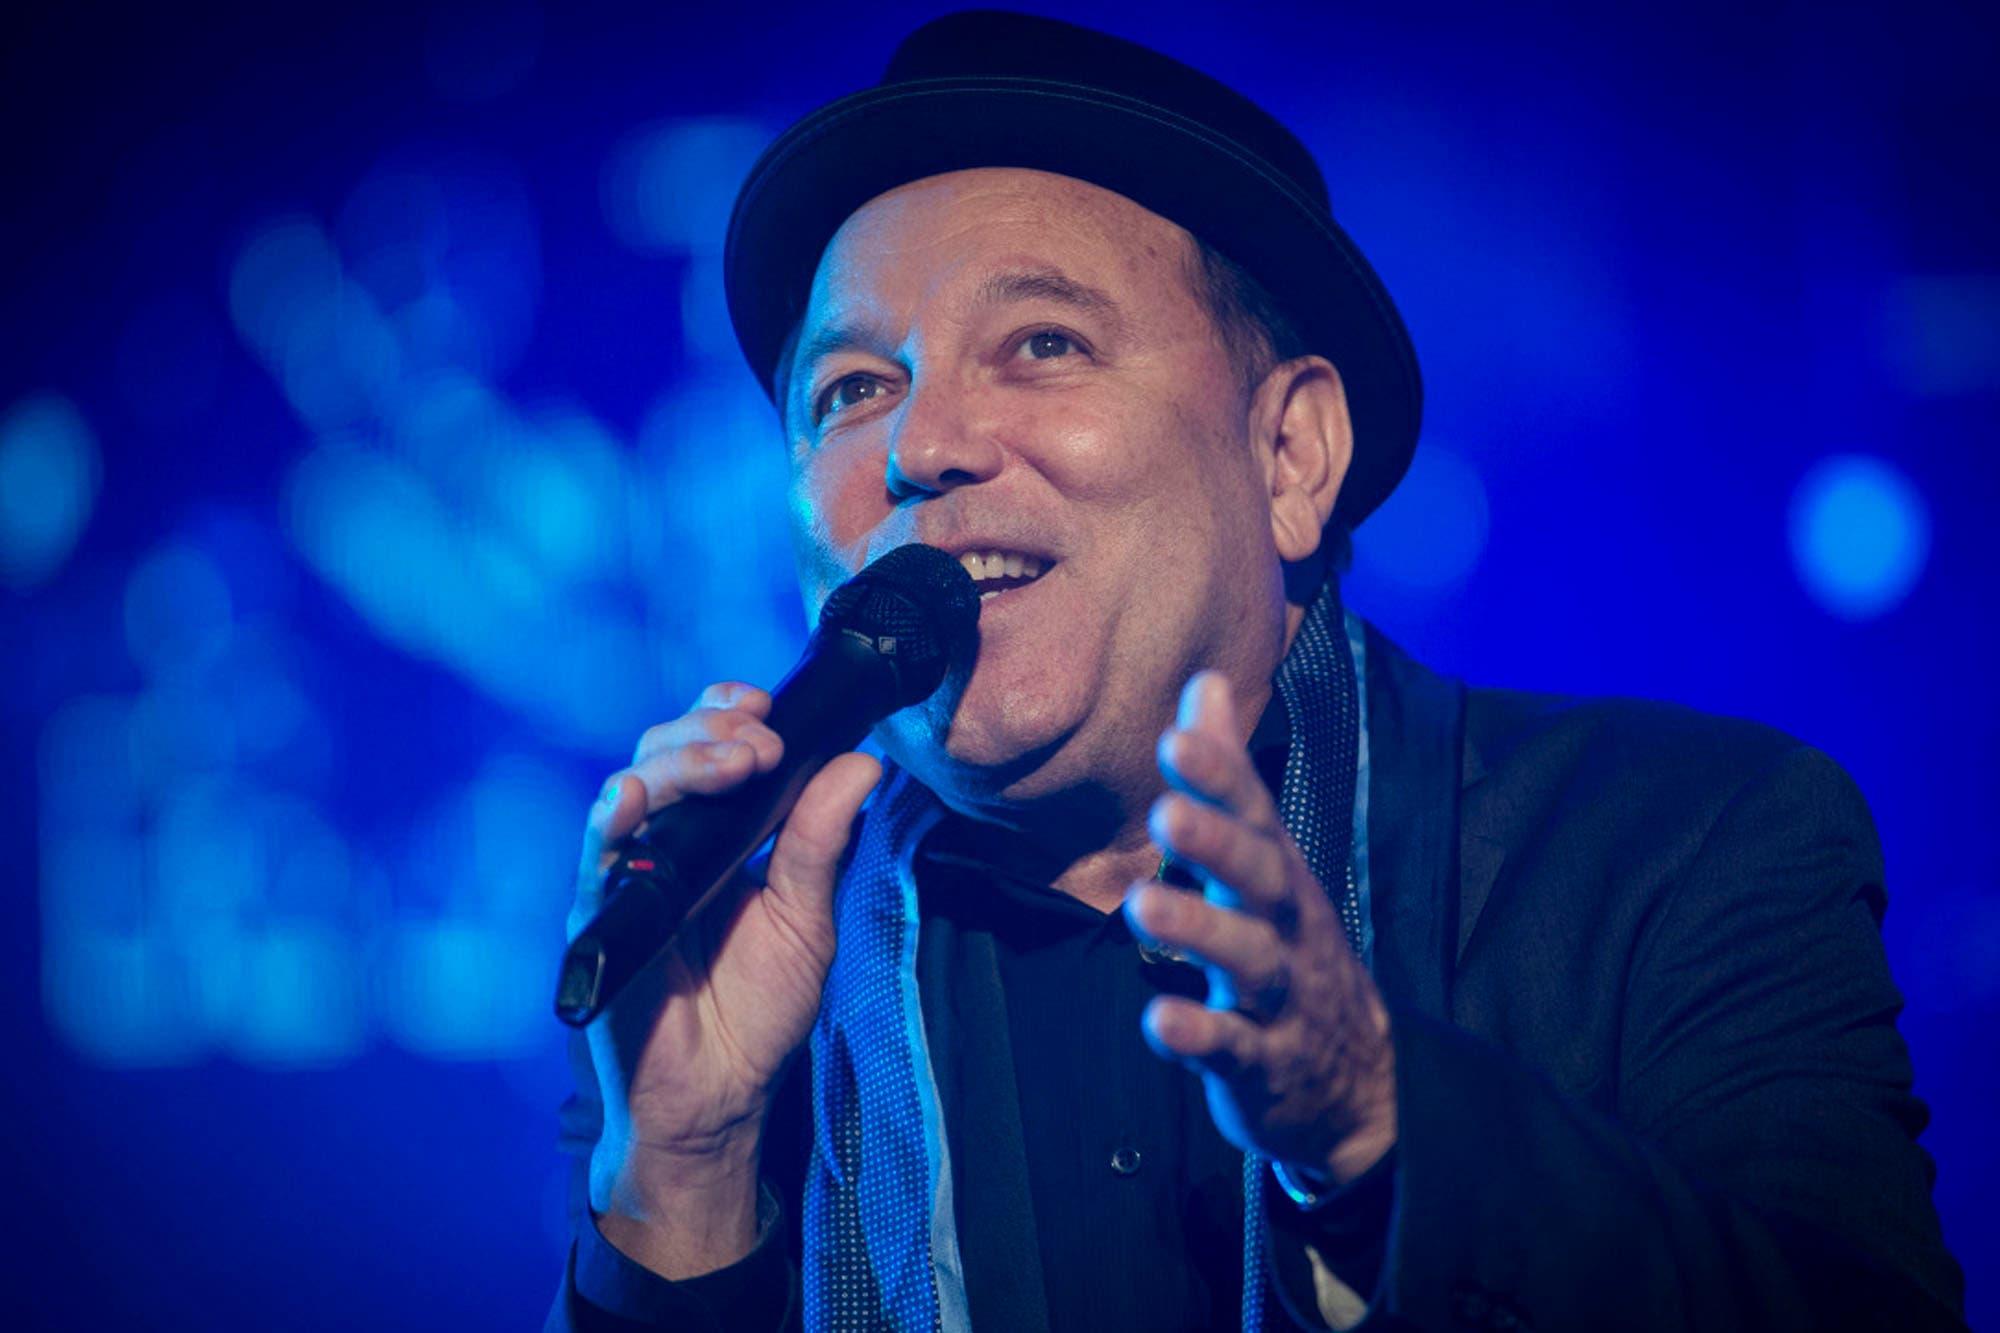 Los 70 años de Rubén Blades, el salsero popular que quiere ser presidente